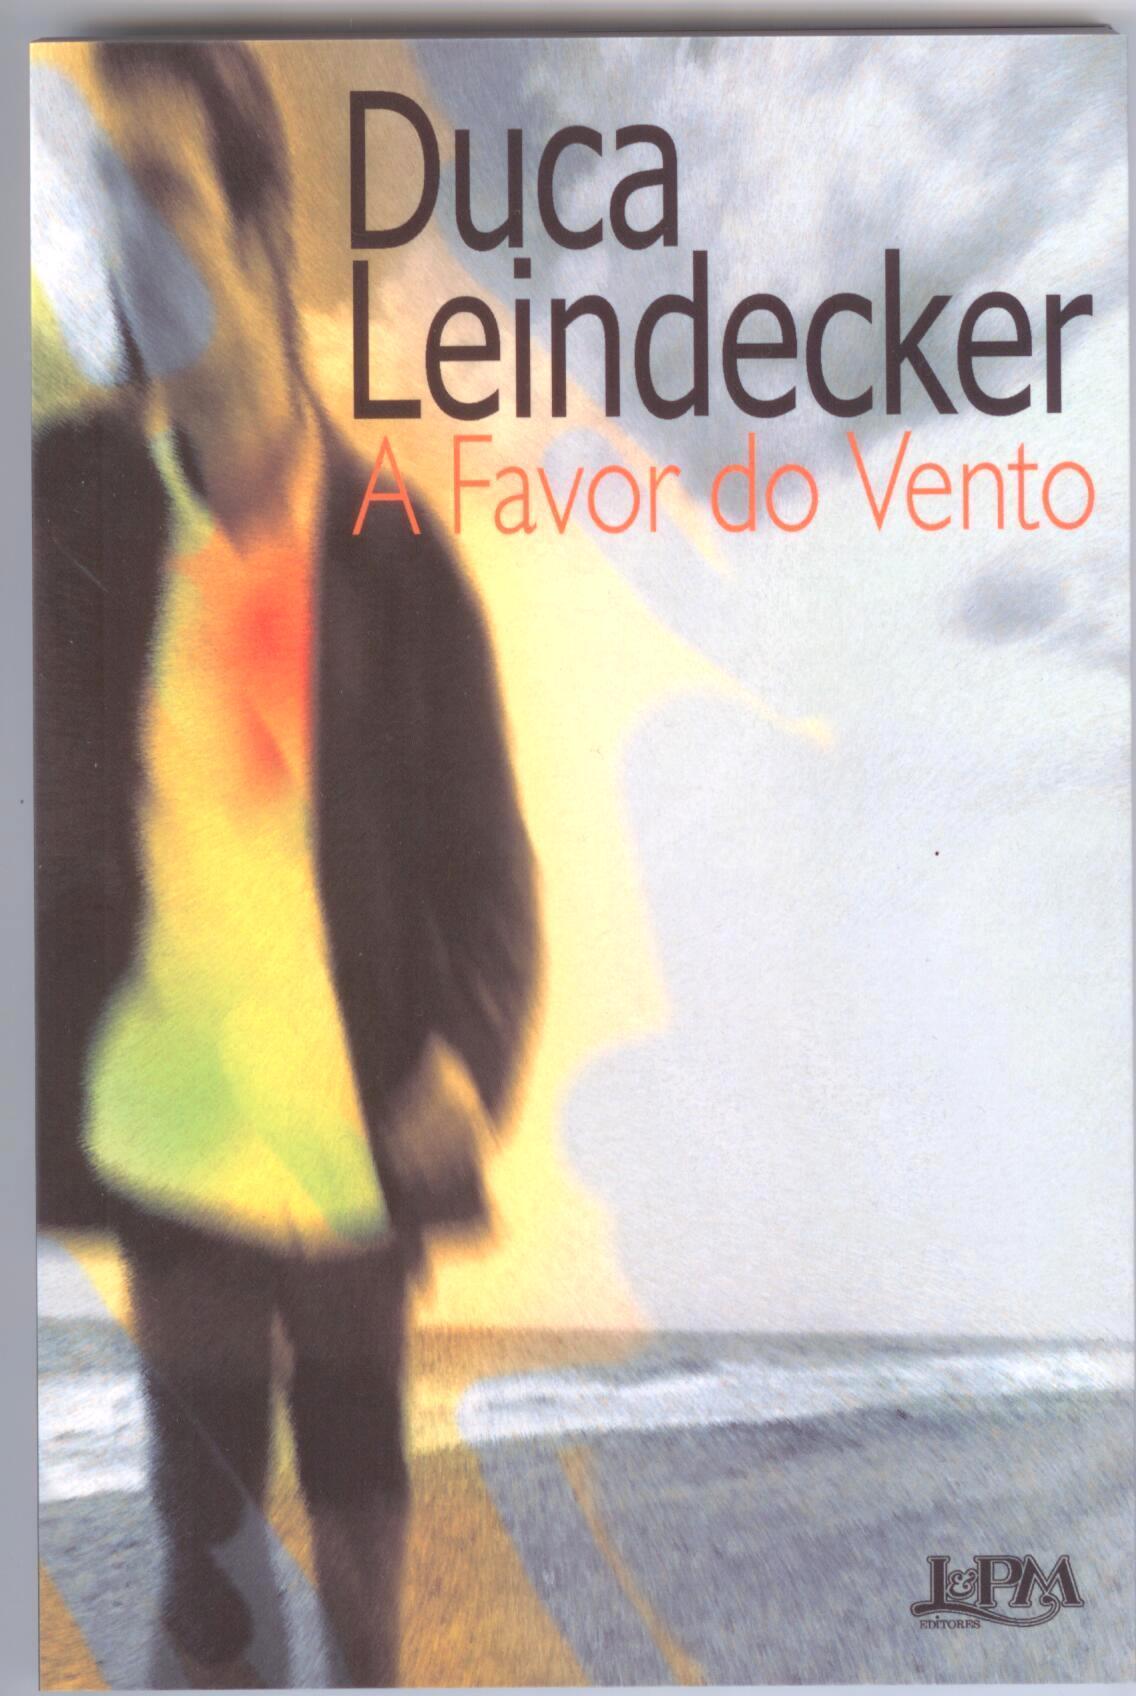 Publicação do patrono da 6ª Feira do Livro de Lajeado, Duca Leindecker